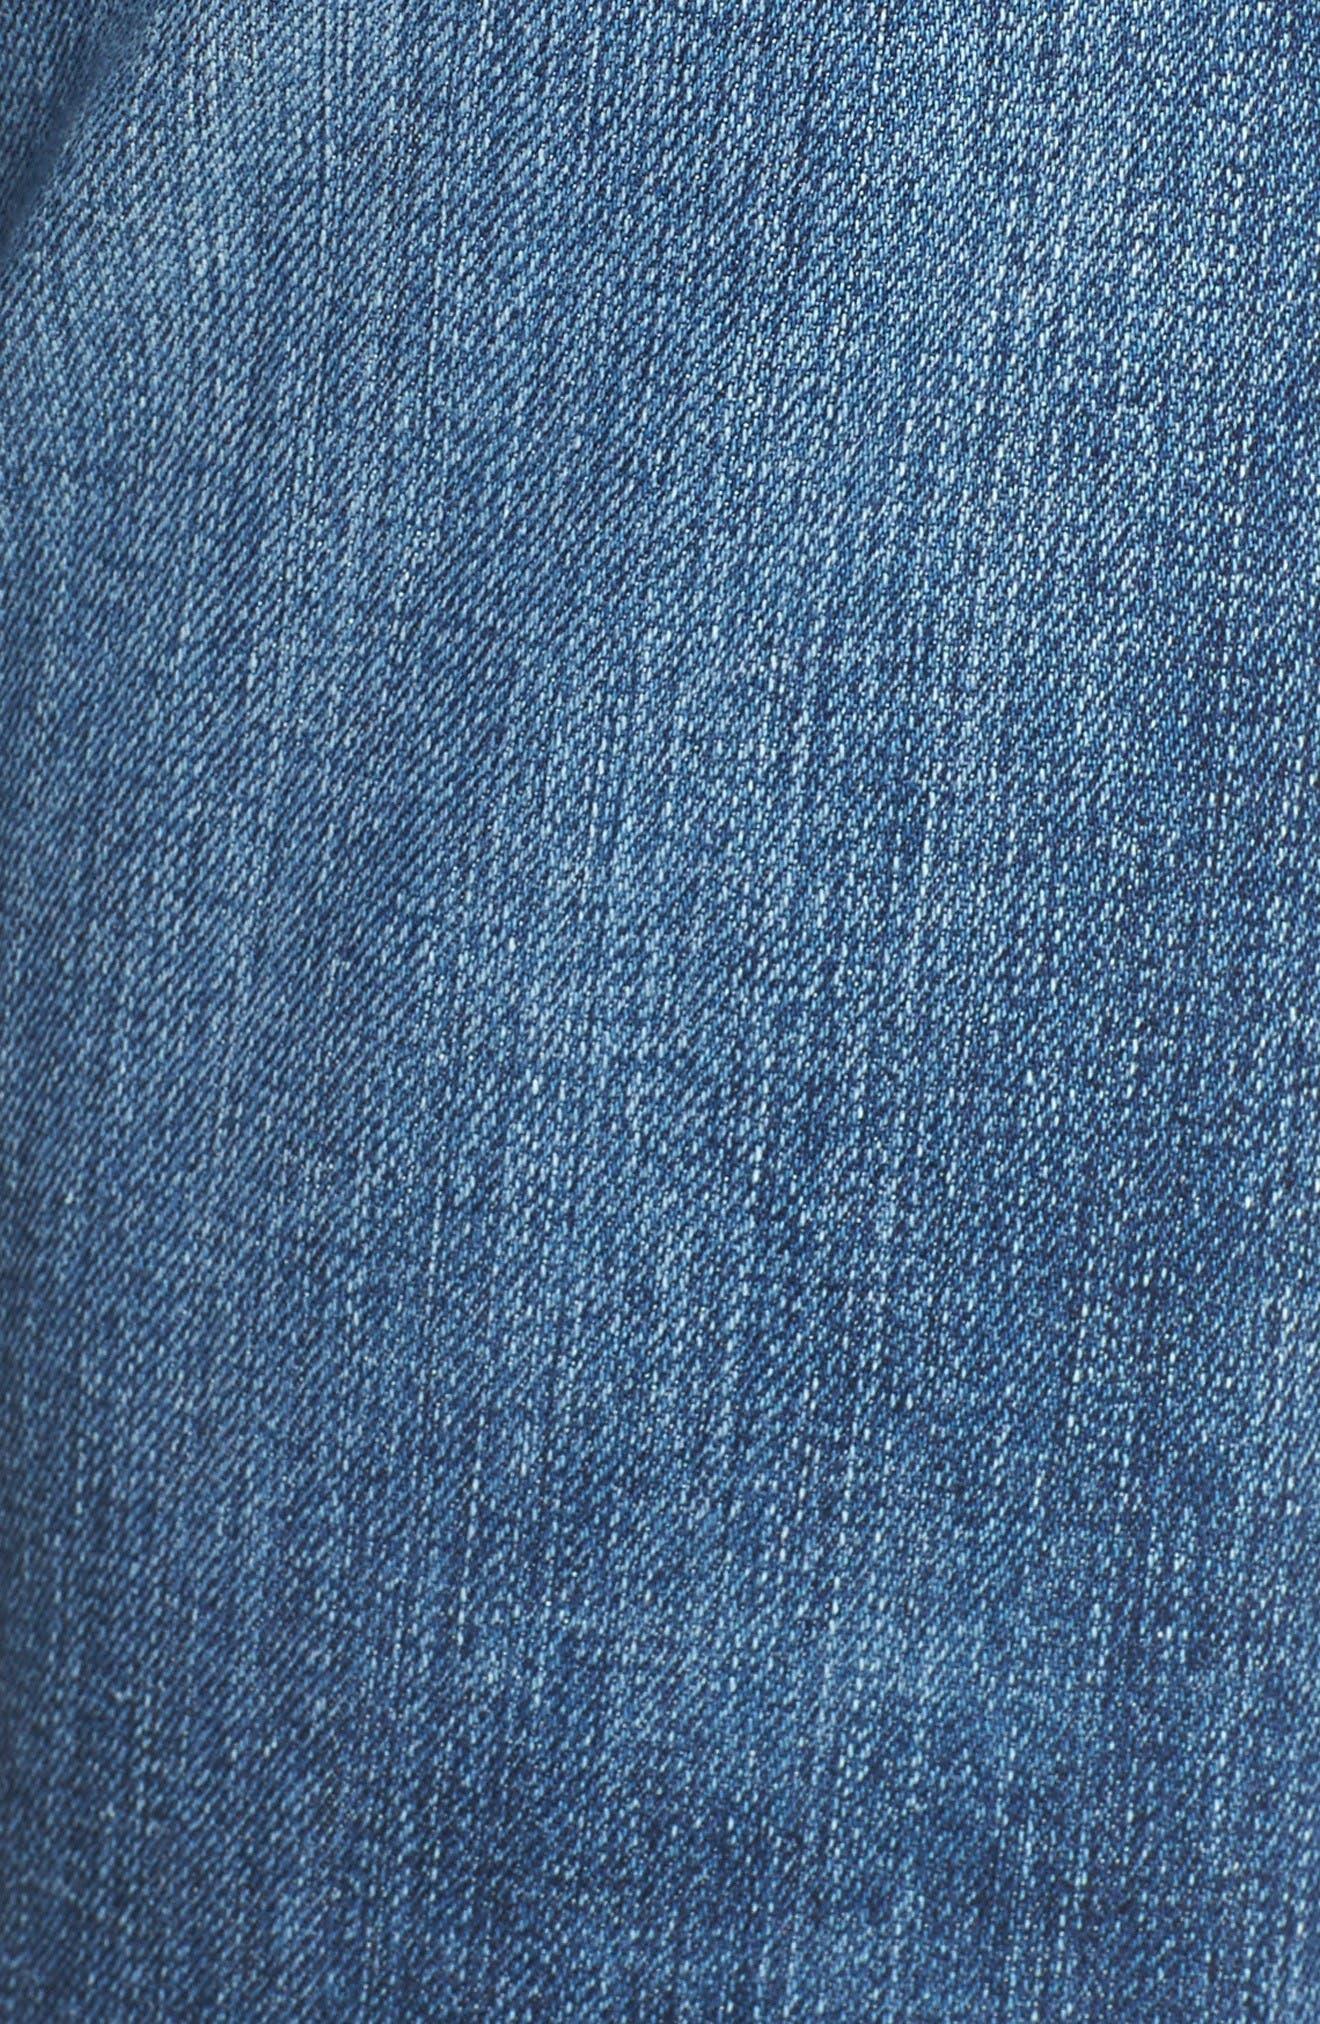 Alternate Image 5  - AG The Ex Boyfriend Crop Jeans (12 Years Blue Aura)